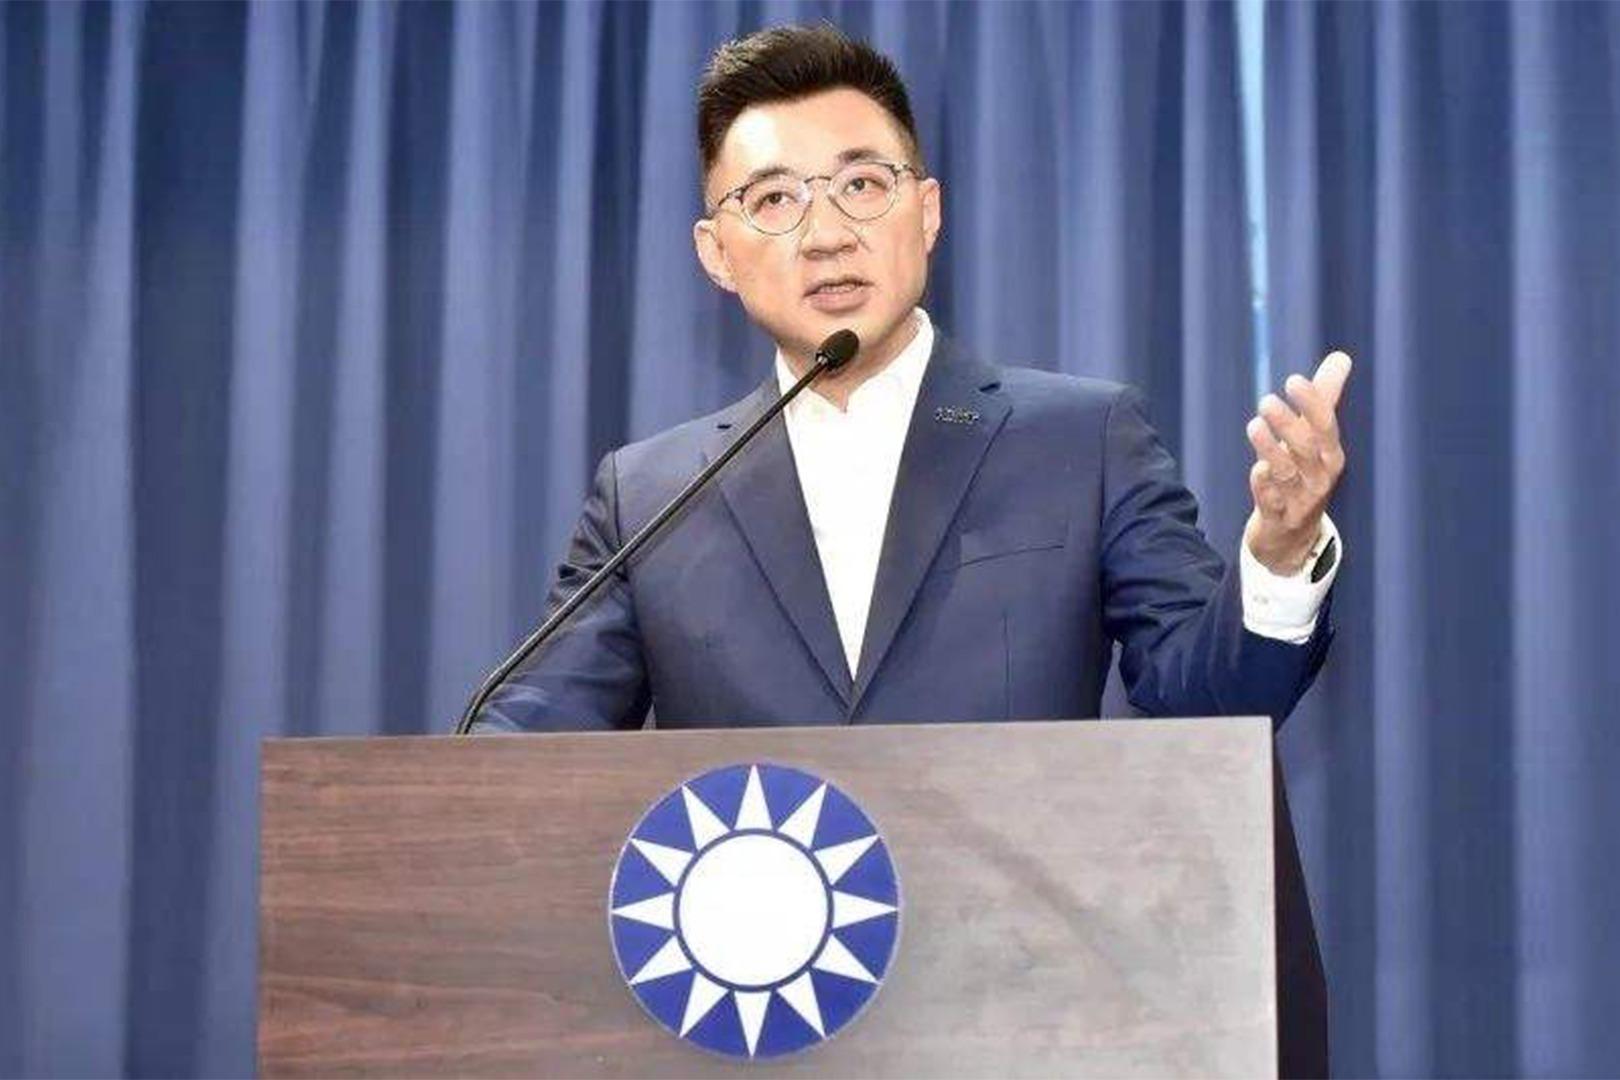 不差錢了? 國民黨:江啟臣募款逾千萬新台幣,超出責任額